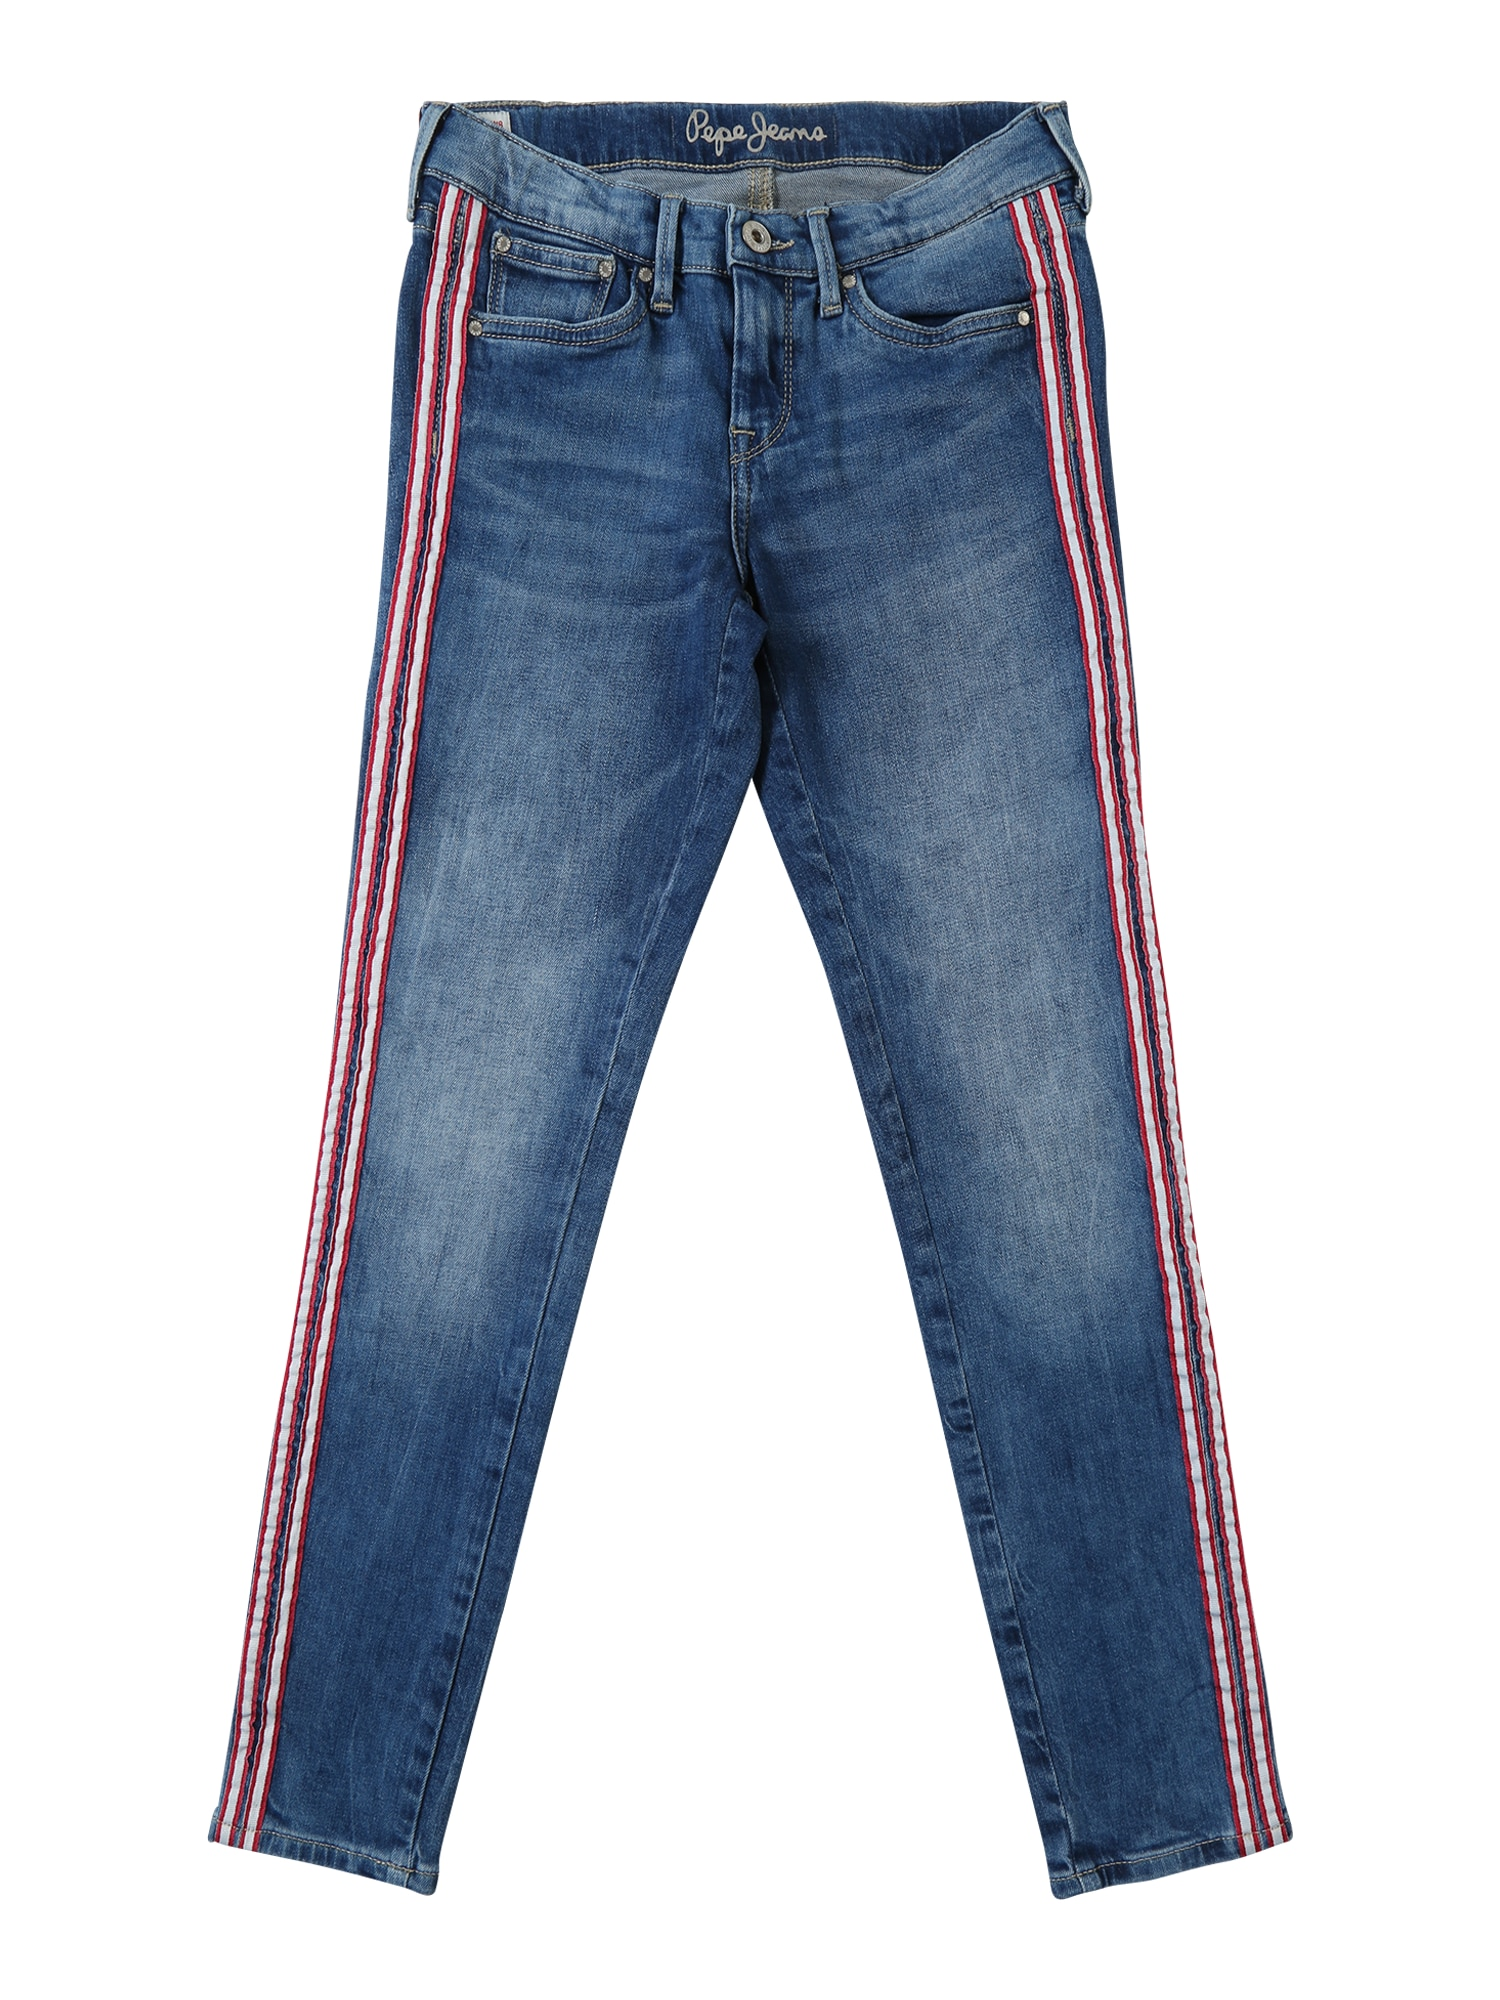 Džíny PIXLETTE RIBBON modrá džínovina Pepe Jeans